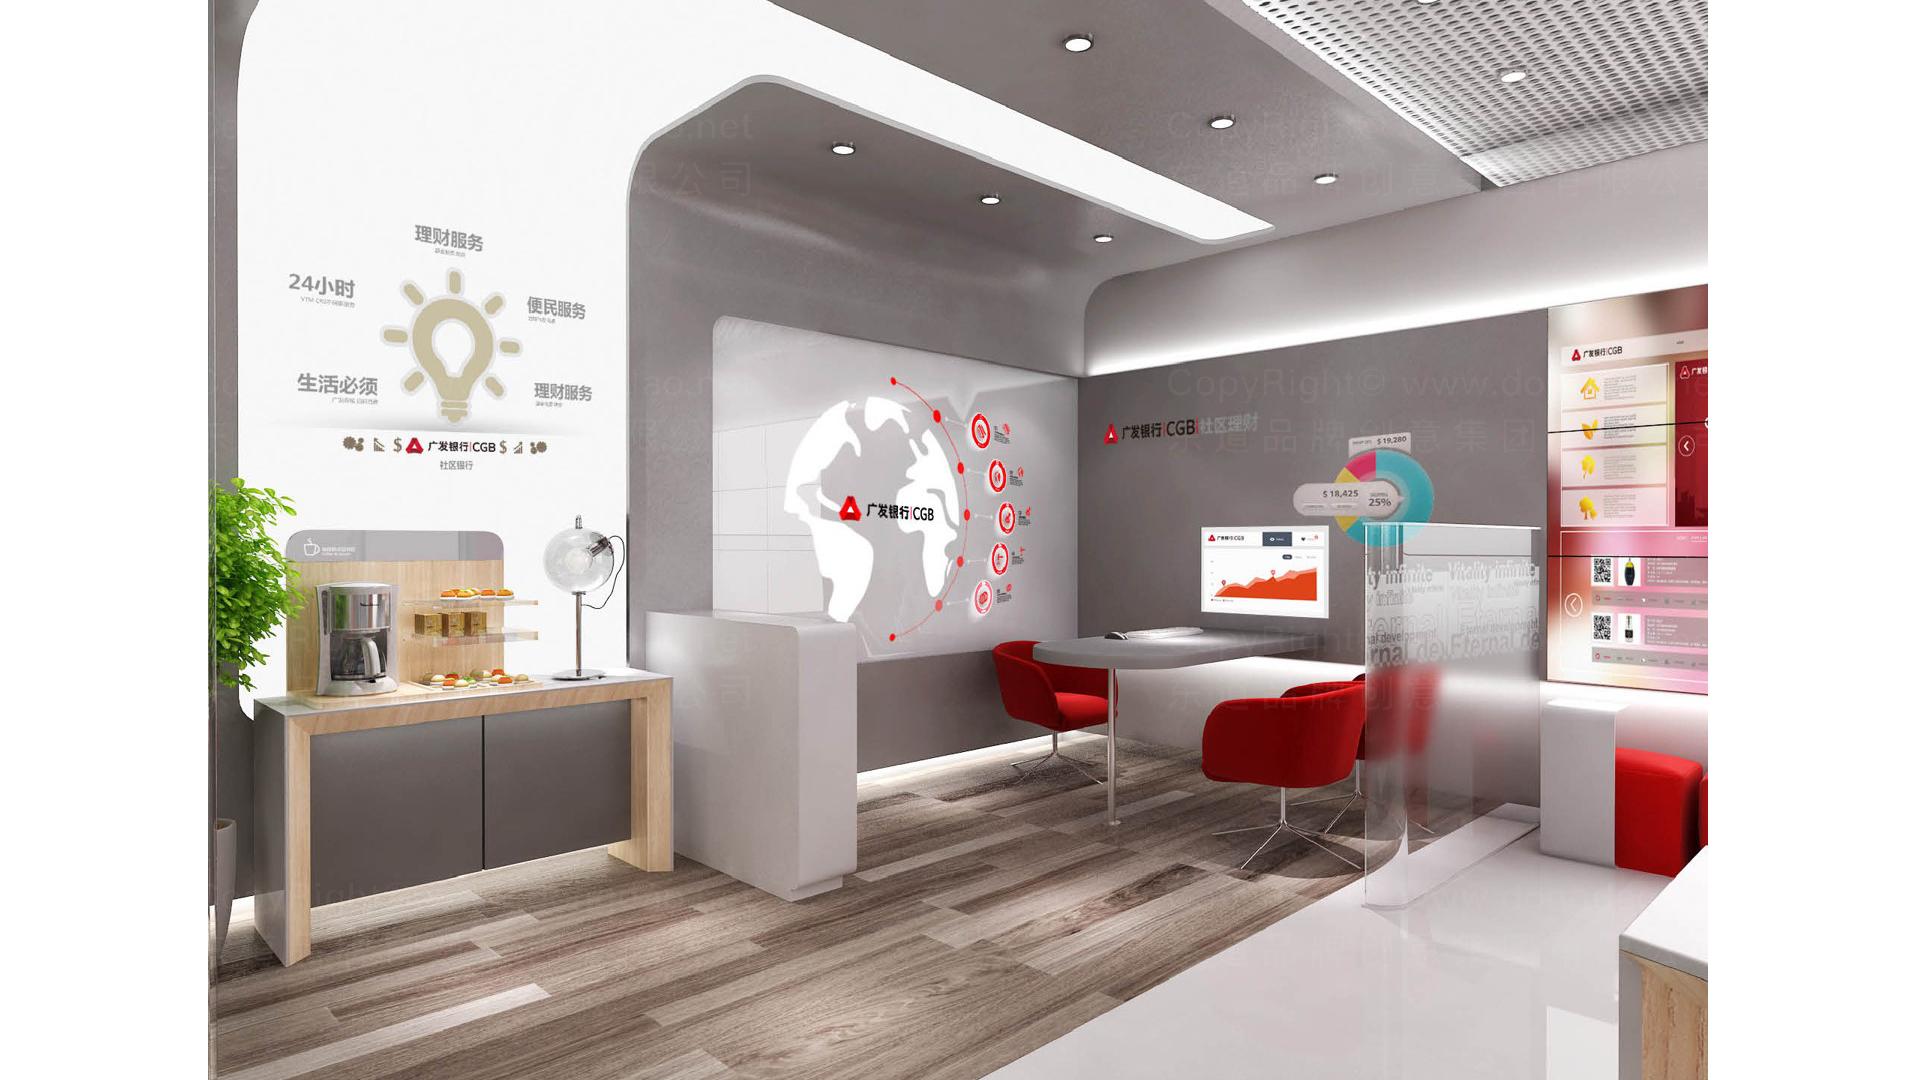 商业空间&导示广发银行社区支行标准化装修方案及标准手册设计应用场景